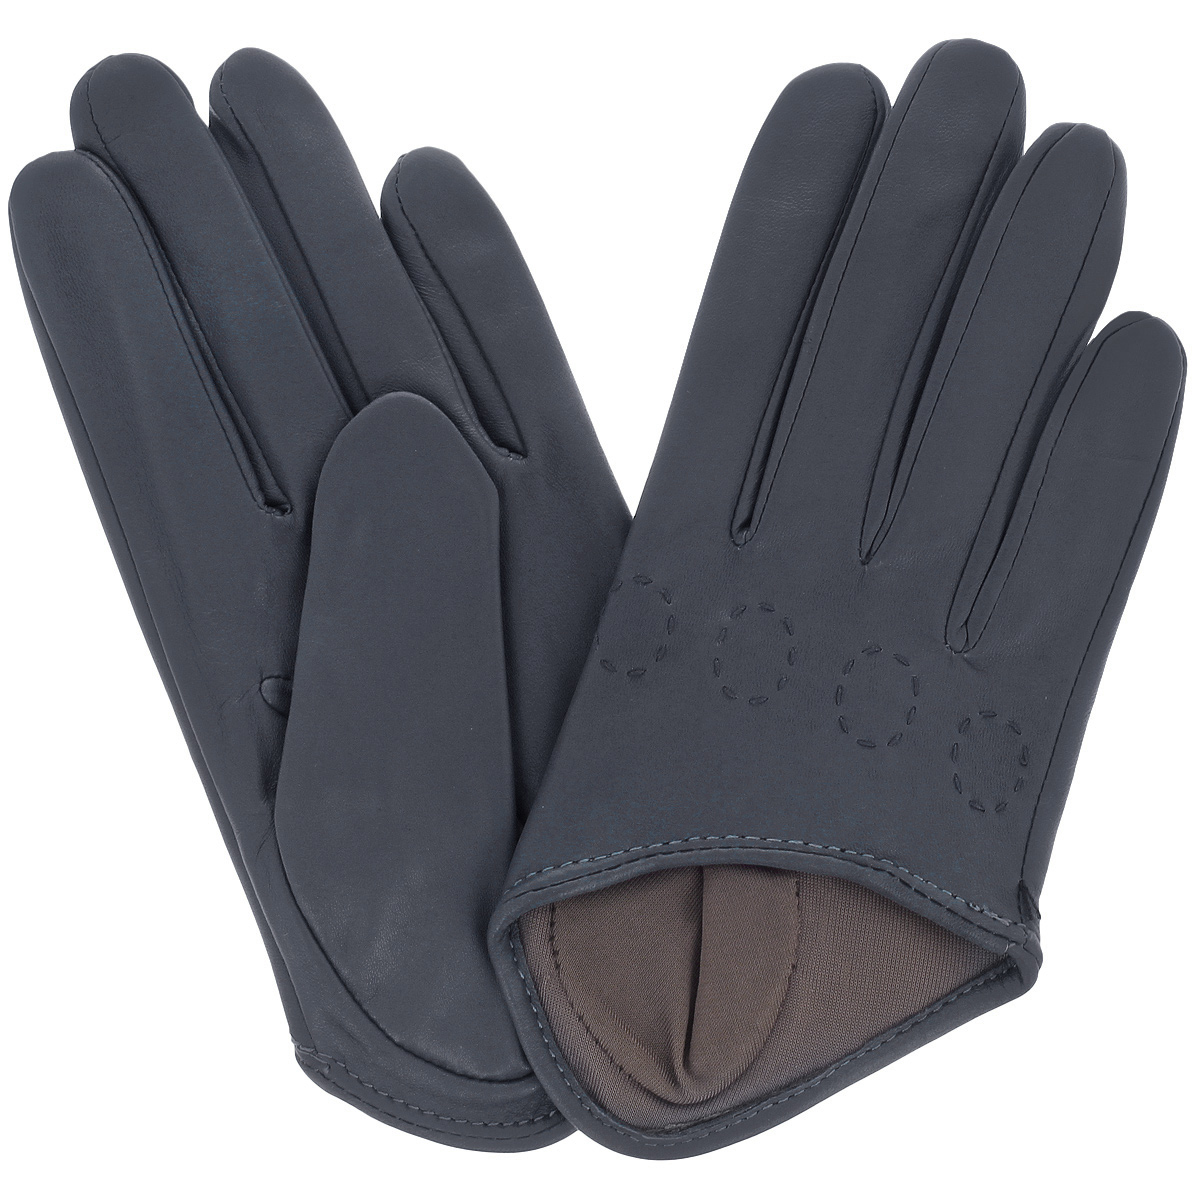 Перчатки женские Michel Katana, цвет: чернильный. K81-IF1. Размер 6,5K81-IF1/ENCRСтильные перчатки Michel Katana с шелковой подкладкой выполнены из мягкой и приятной на ощупь натуральной кожи ягненка. Перчатки станут достойным элементом вашего стиля и сохранят тепло ваших рук. Это не просто модный аксессуар, но и уникальный авторский стиль, наполненный духом севера Франции.